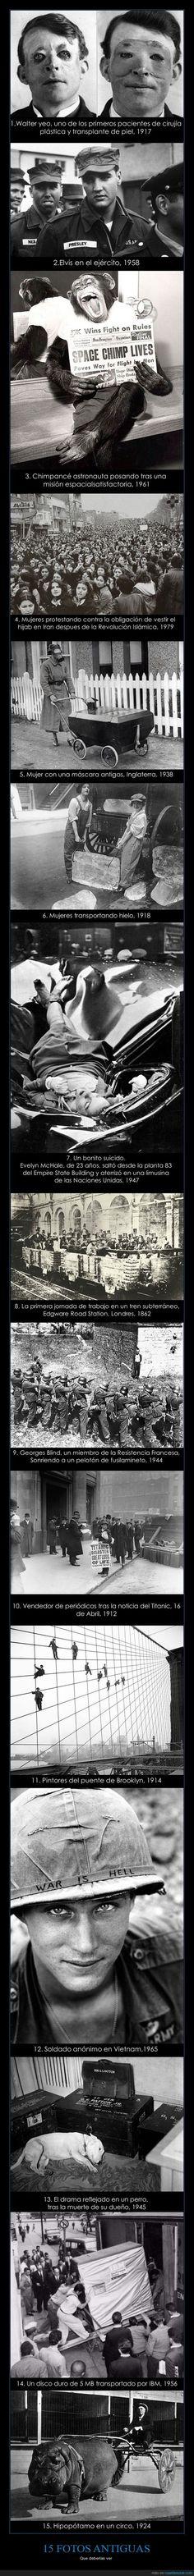 15 fotos antiguas históricas que deberías ver - Que deberías ver   Gracias a http://www.cuantarazon.com/   Si quieres leer la noticia completa visita: http://www.estoy-aburrido.com/15-fotos-antiguas-historicas-que-deberias-ver-que-deberias-ver/